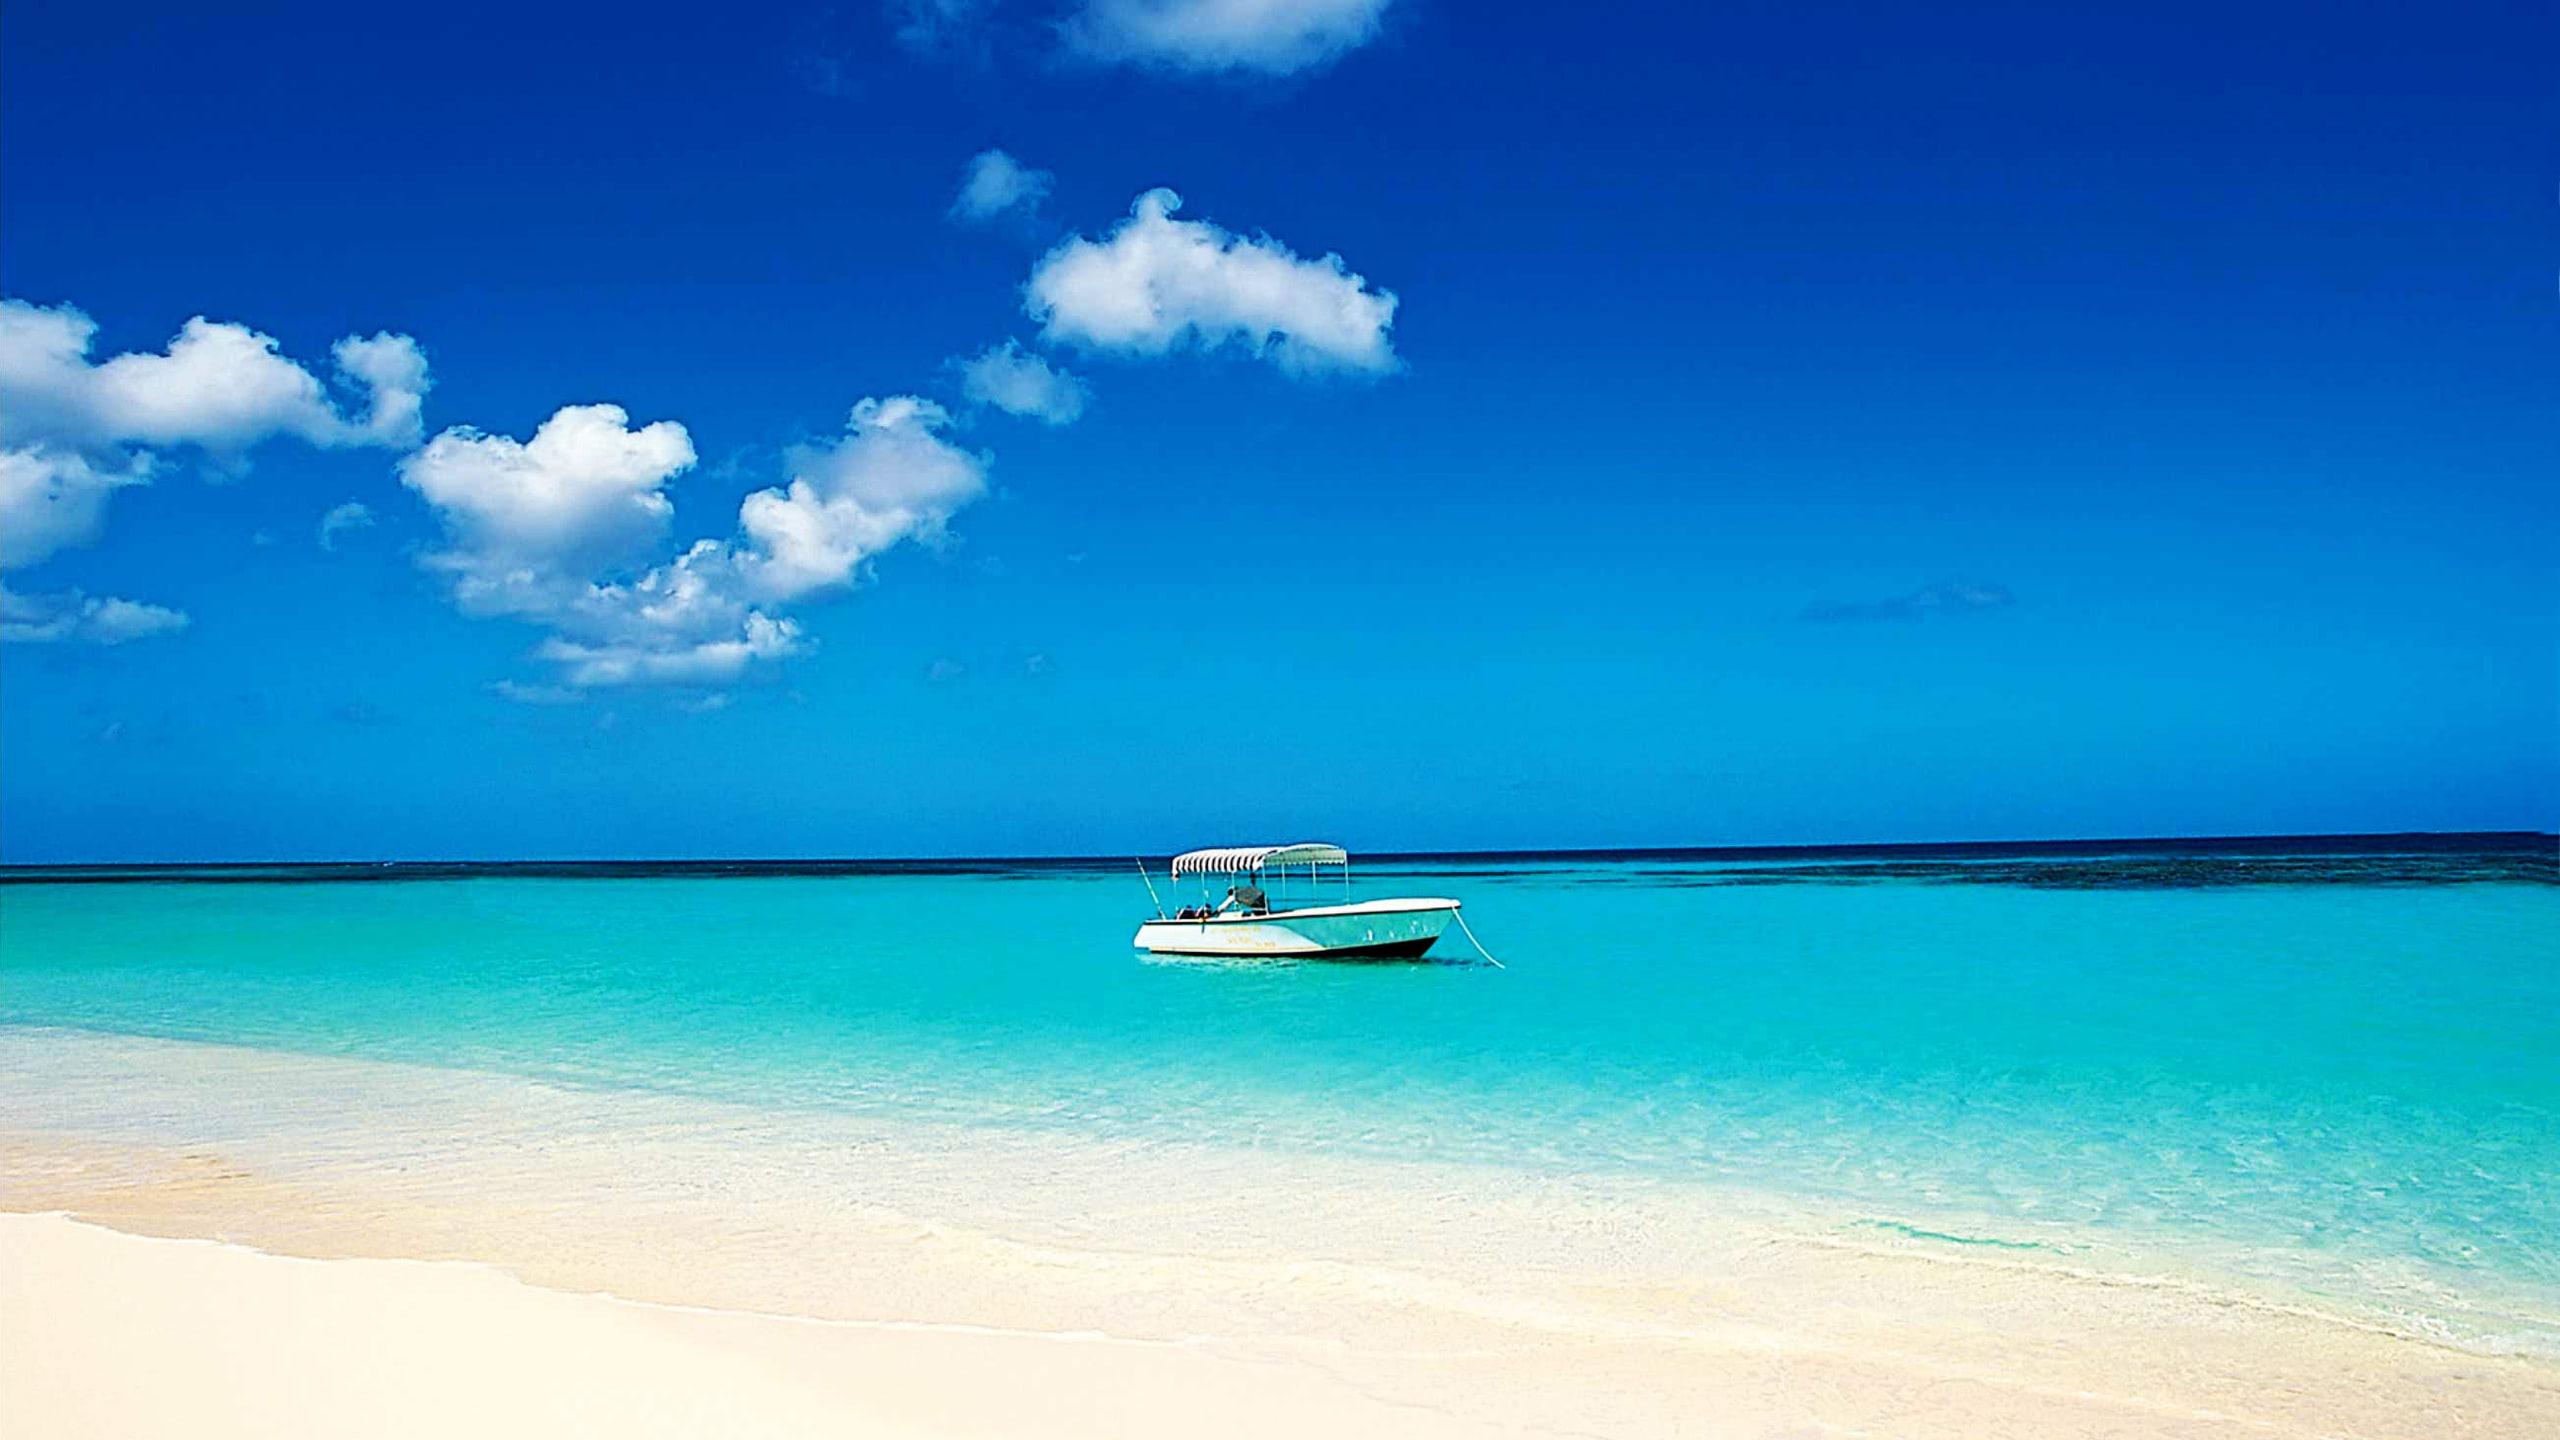 Best Wallpaper Macbook Tropical - tropical-beach-vacation-wallpaper-2560x1440-271  Photograph_364483.jpg